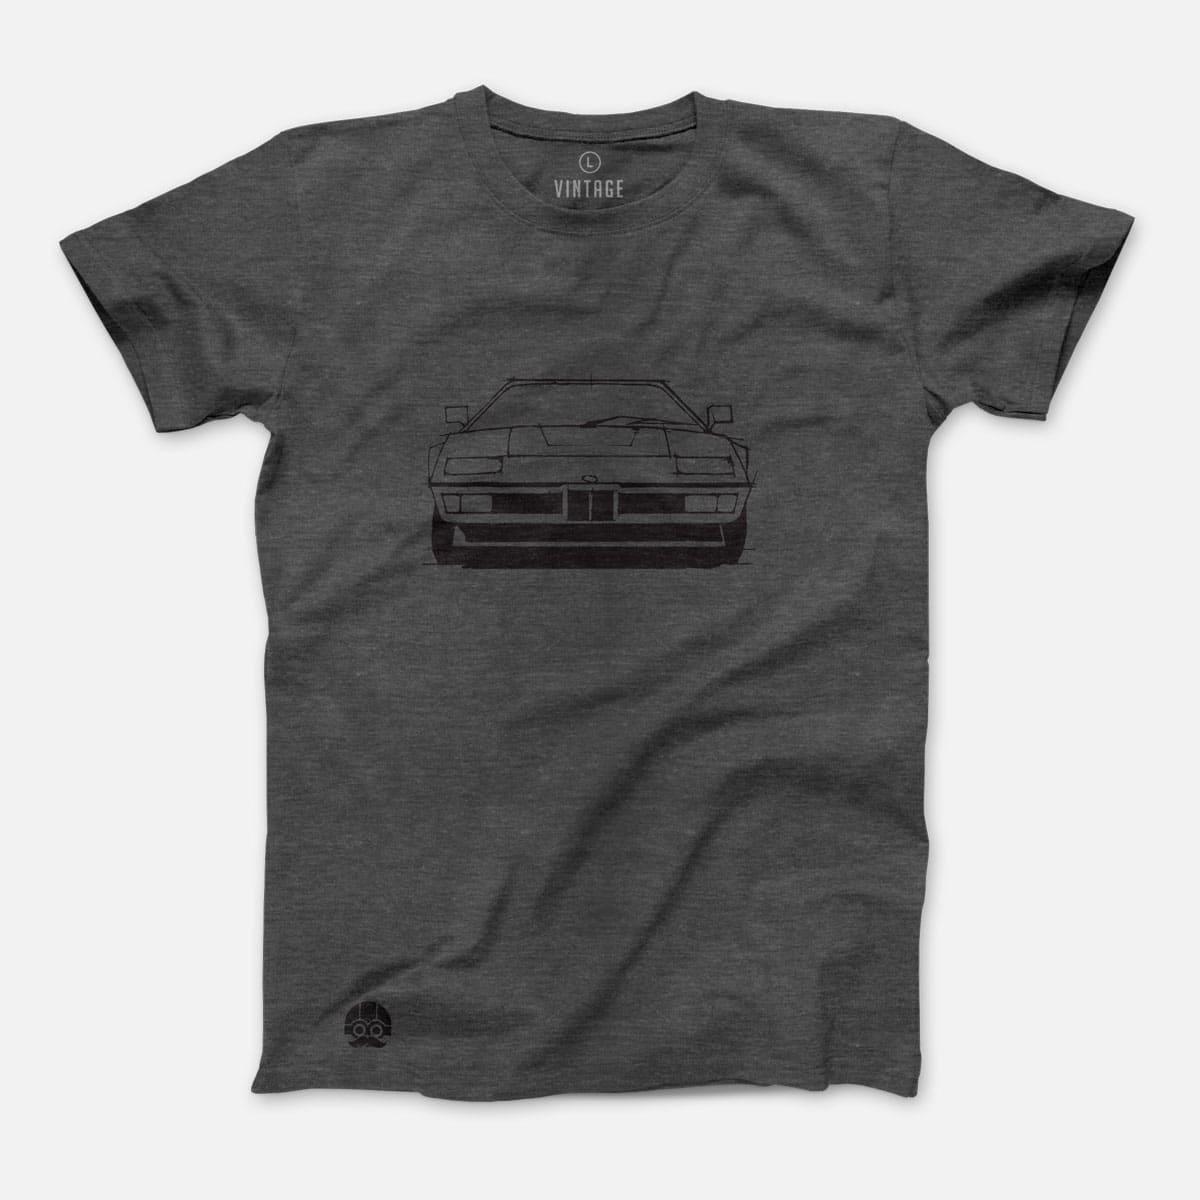 Koszulka z BMW M1 - Grey